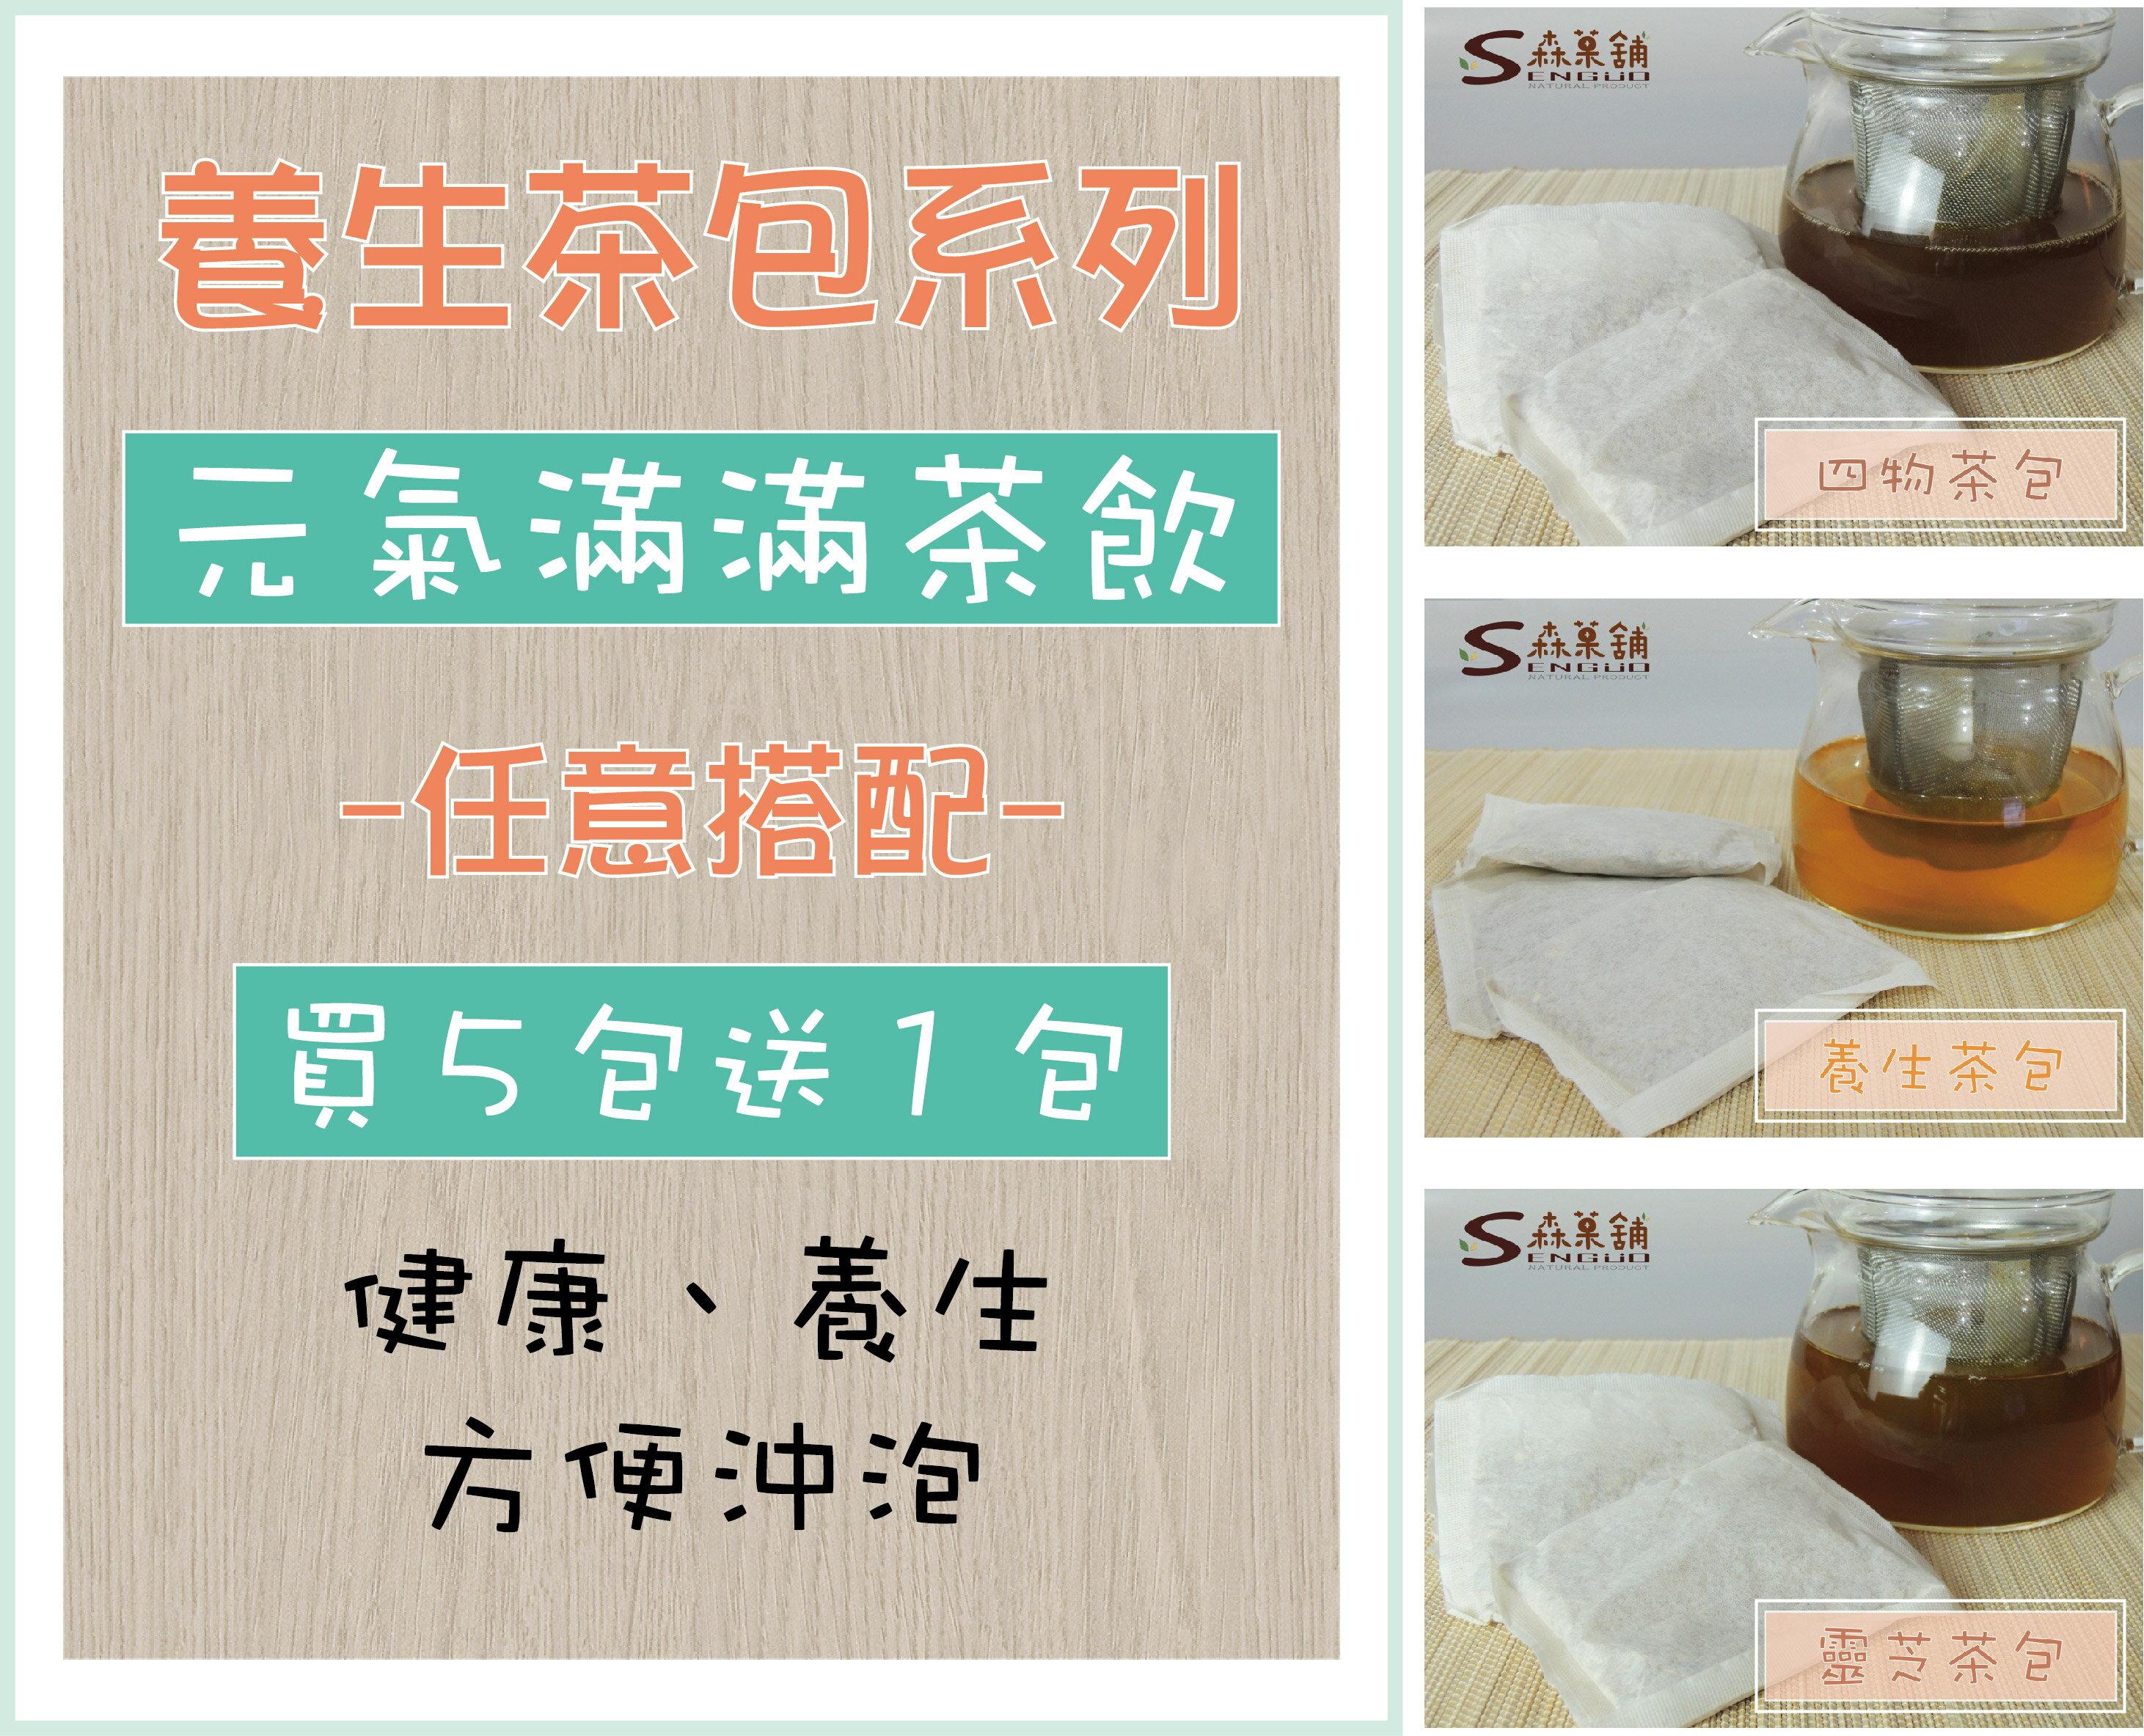 ~  茶飲系列~任意 買五送一~四物茶包、養生茶包、靈芝茶包、牛蒡茶包 ~健康養生茶飲~